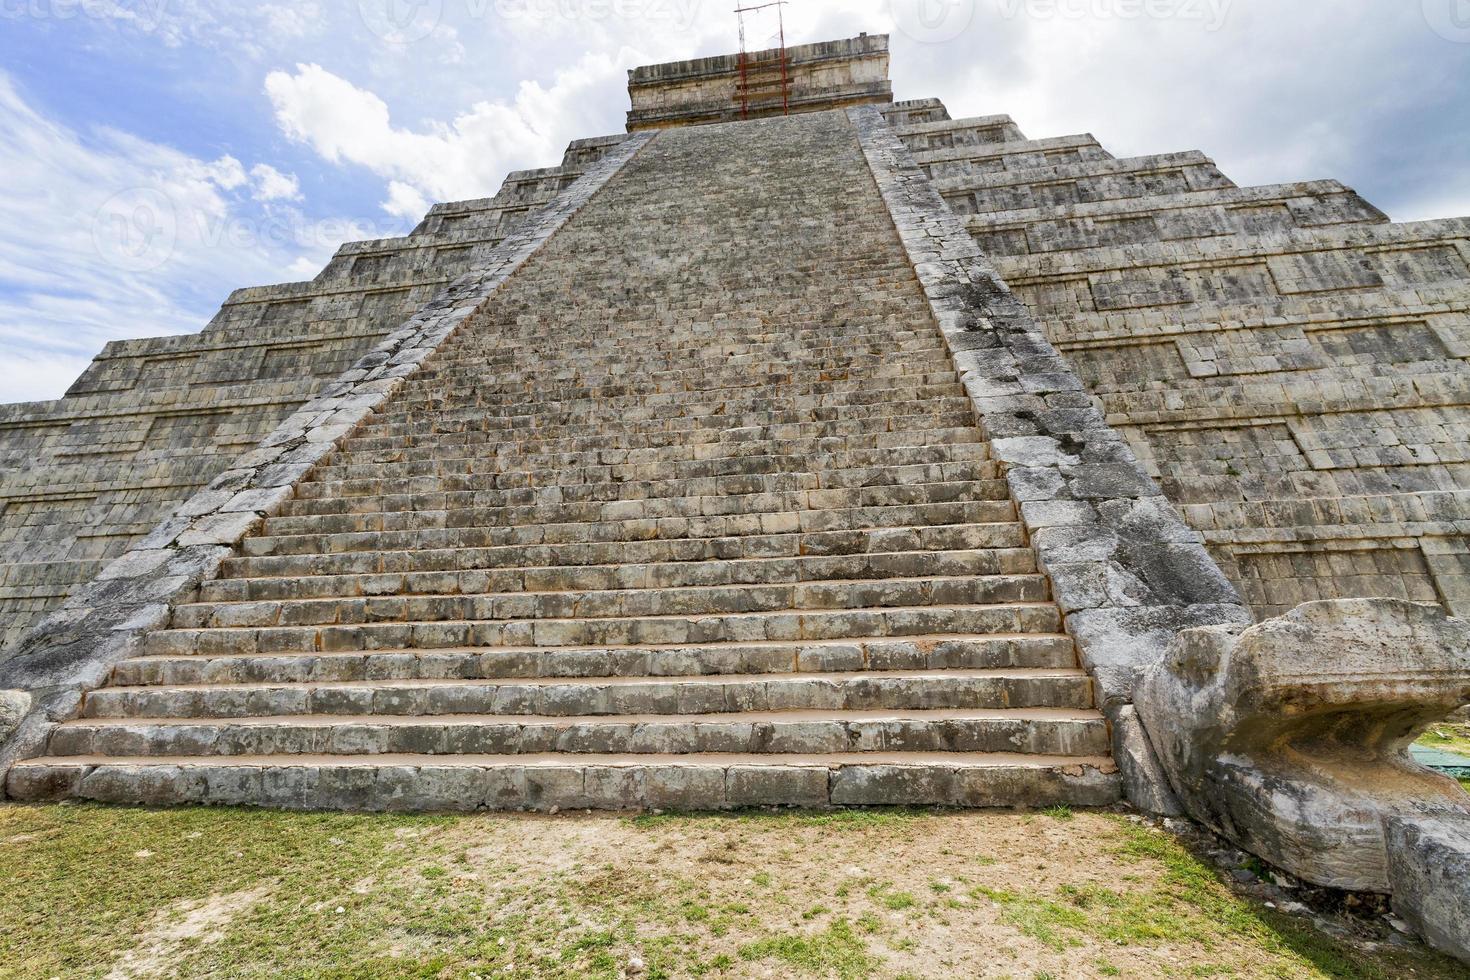 Chichen Itza Mayan ruins, Mexico. photo